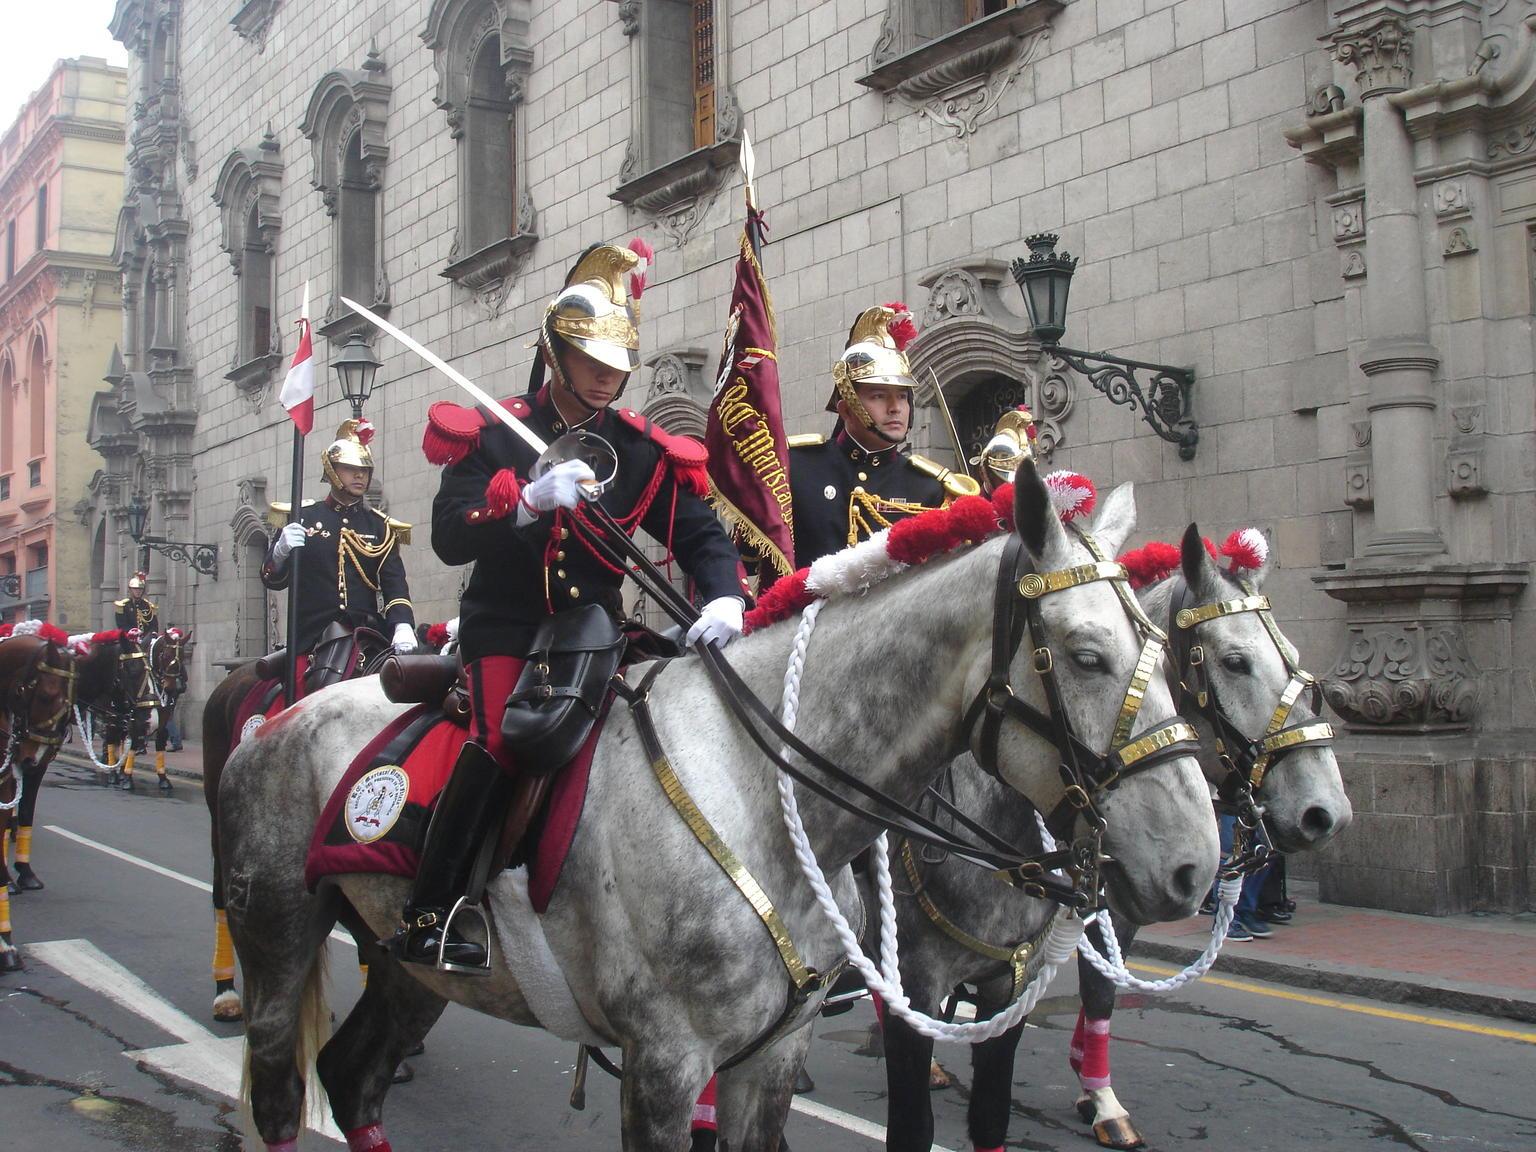 MORE PHOTOS, City Sightseeing tour bus tour through the city of Lima